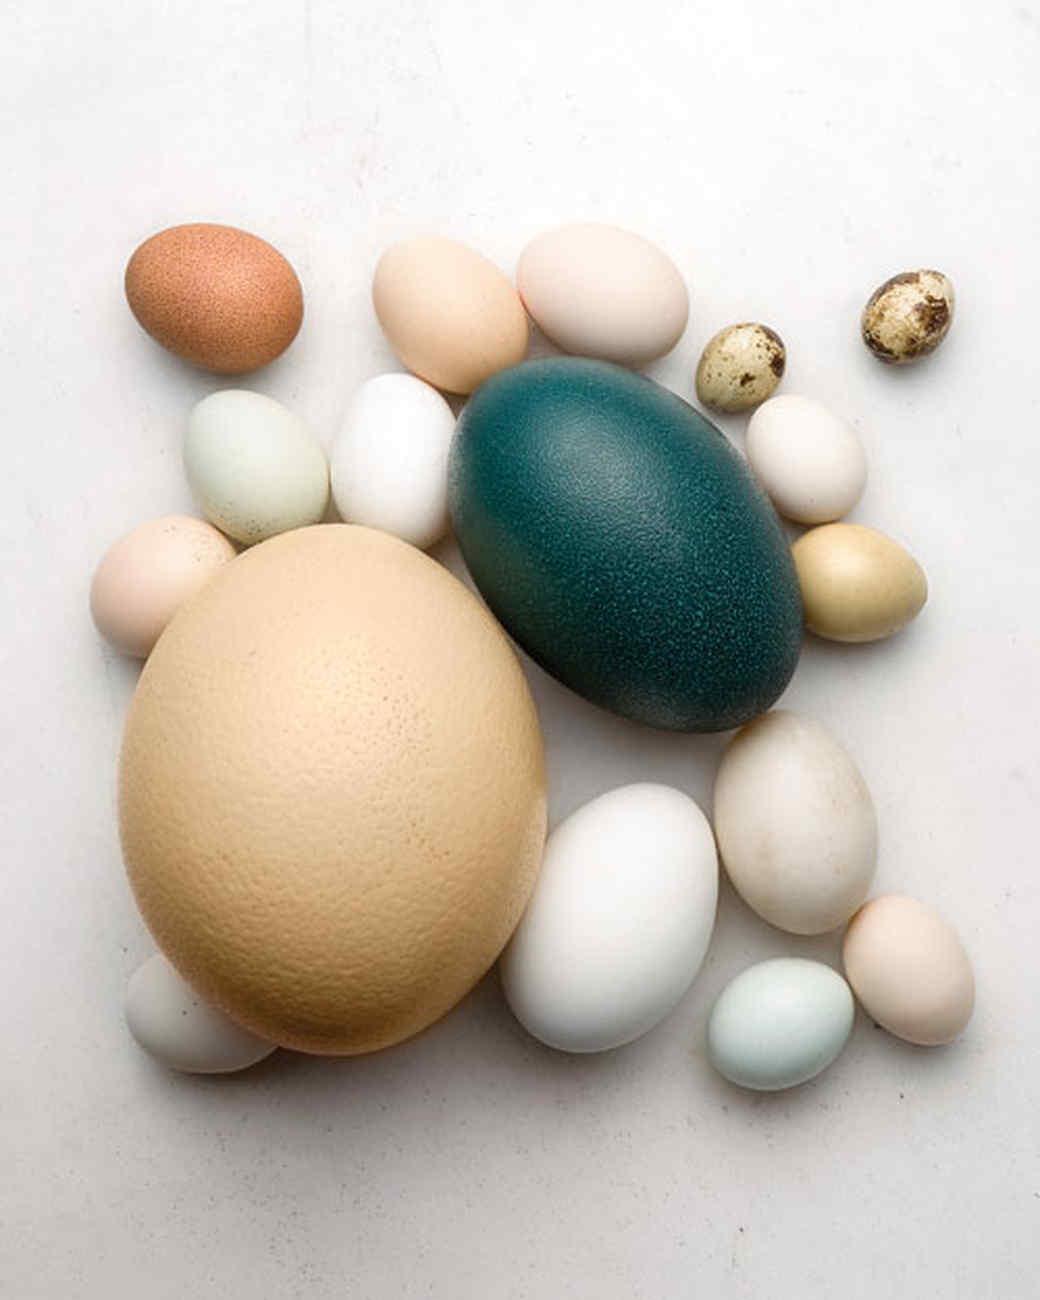 mld103286_0408_gloss_egg.jpg